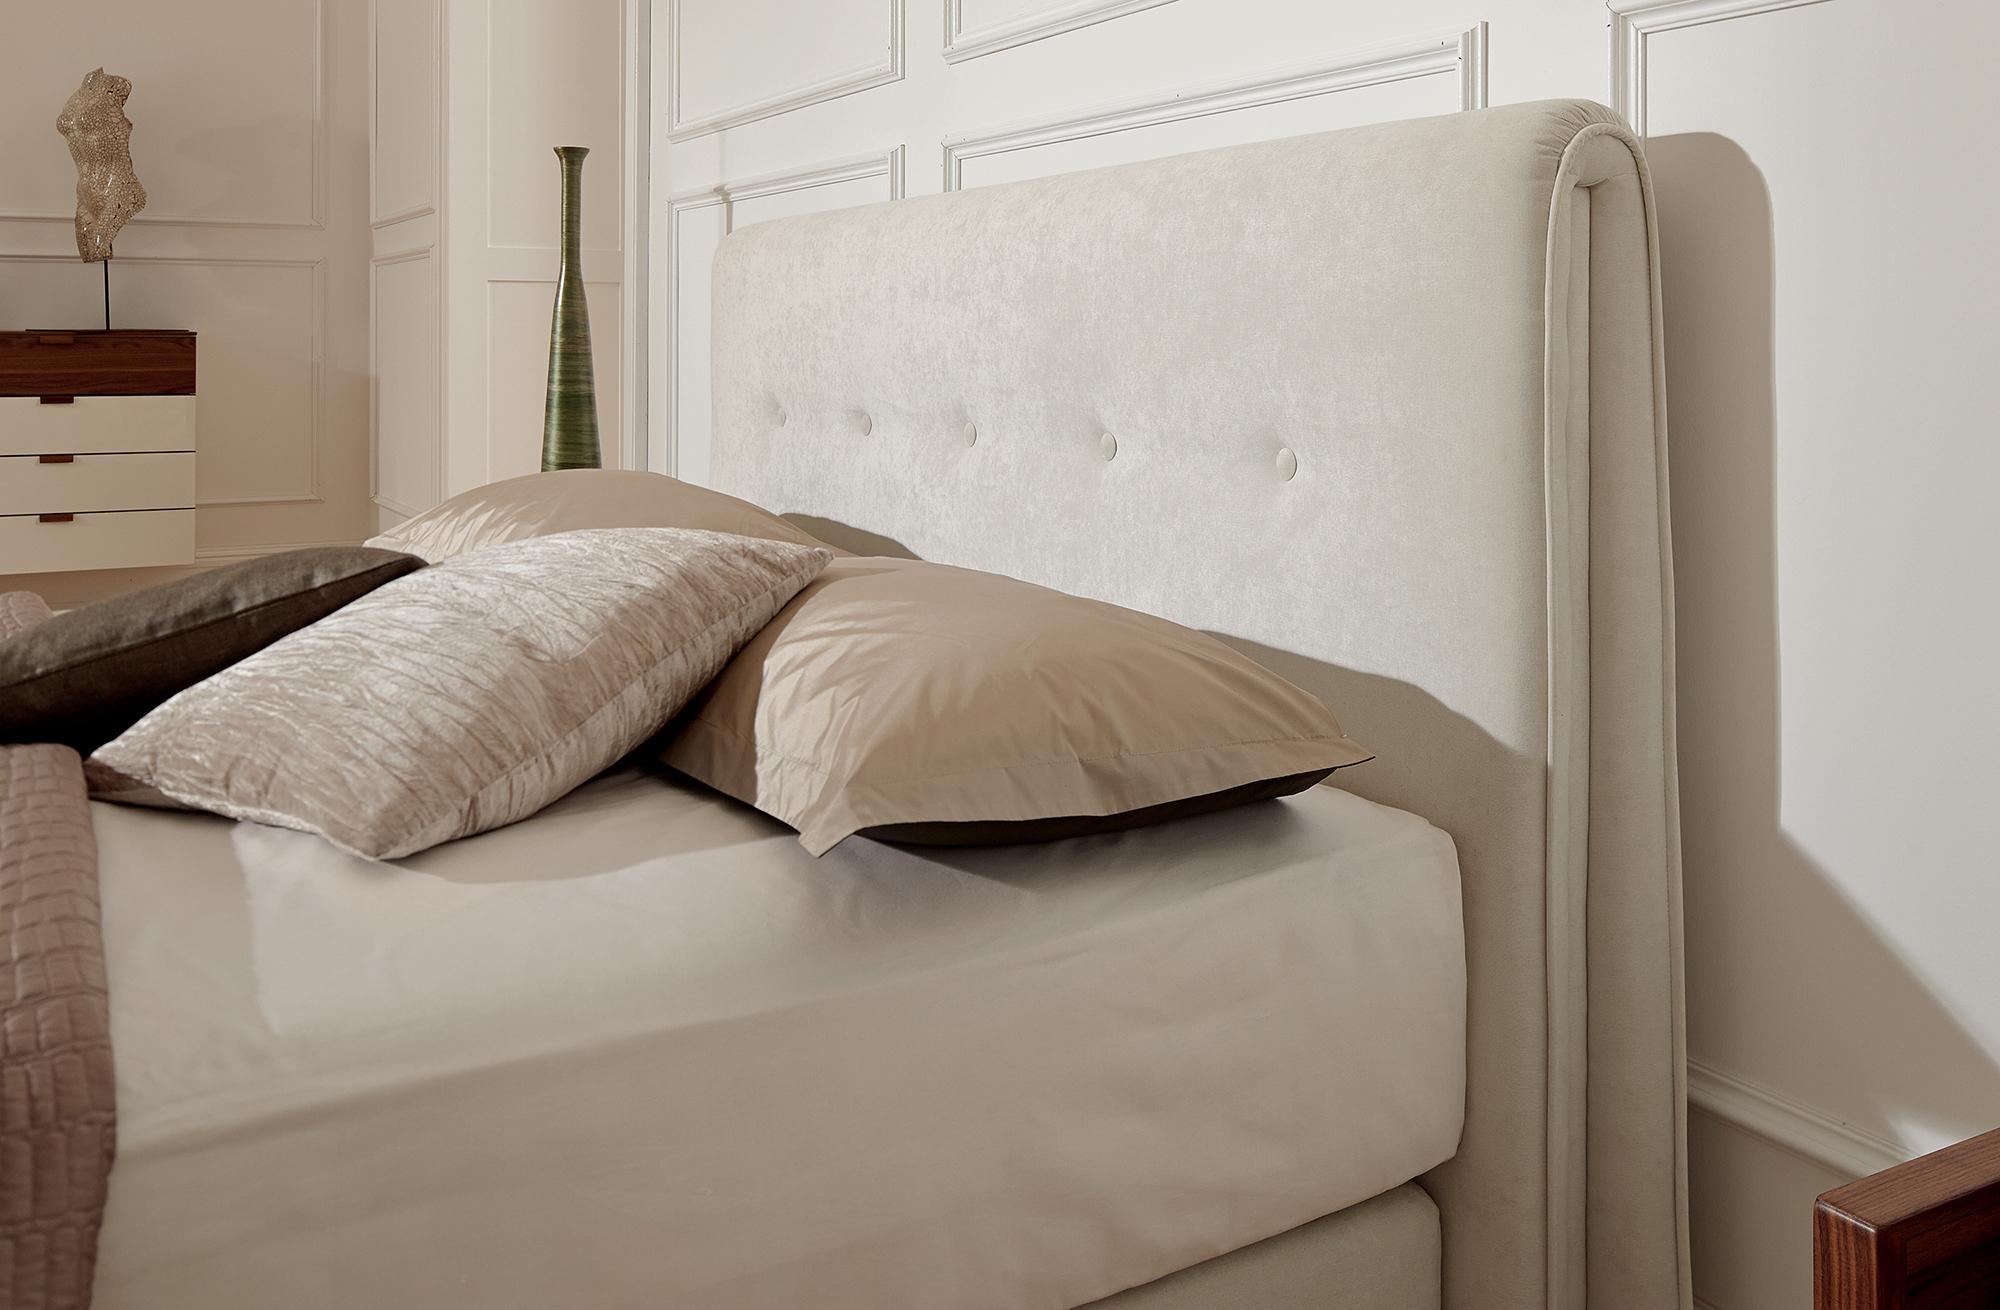 Изголовье кровати с мягкой обивкой